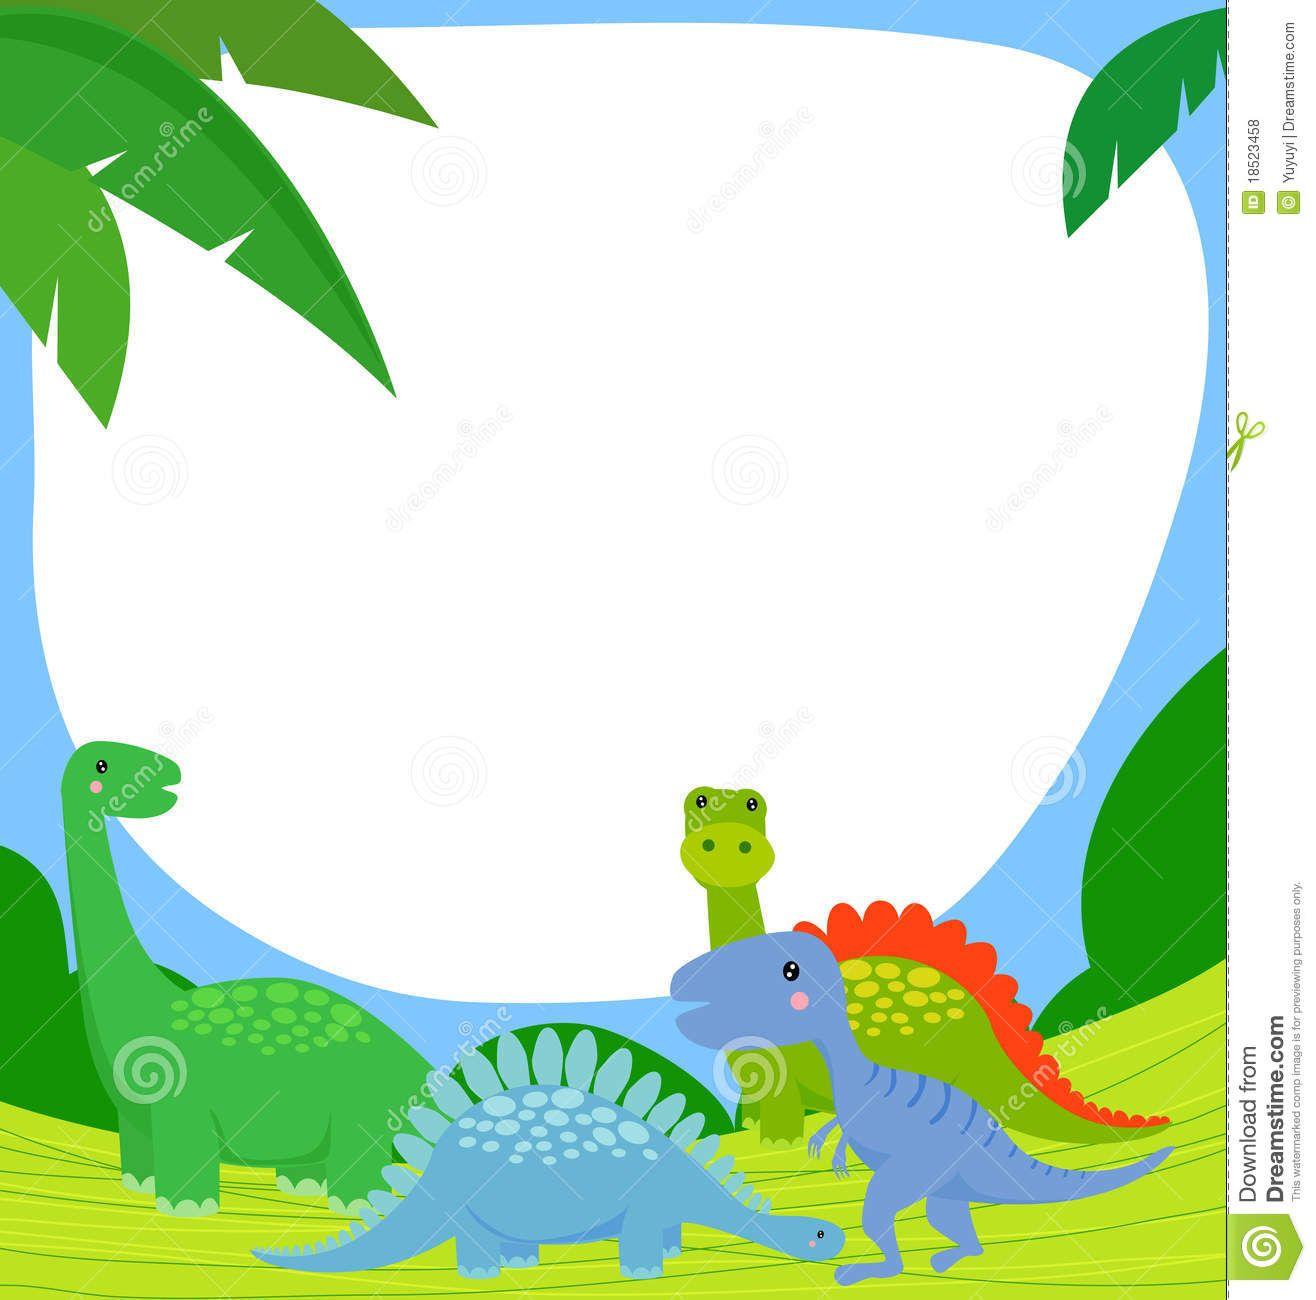 marcos de dinosaurios | Dinosaurio Y Marco Fotos de archivo libres ...